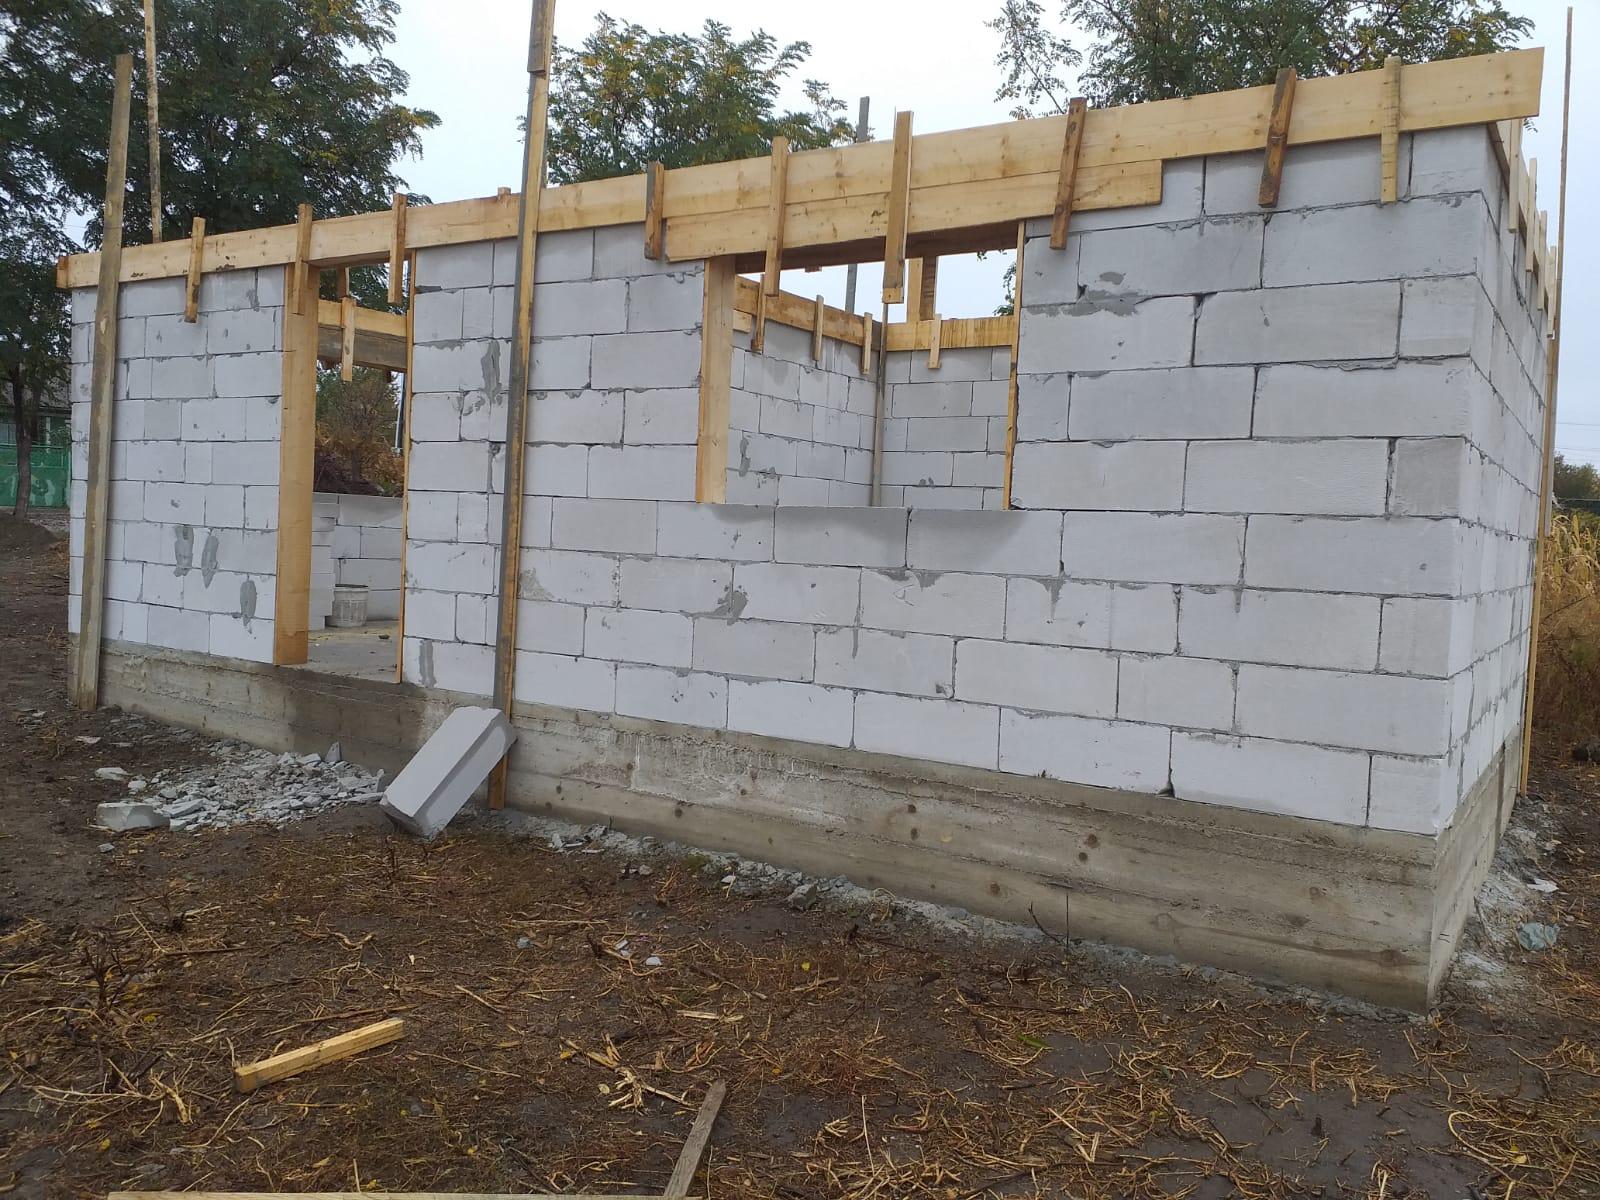 UPDATE 04.10.2019 - Astăzi s-a finalizat cofrajul pentru turnarea brâului din beton armat